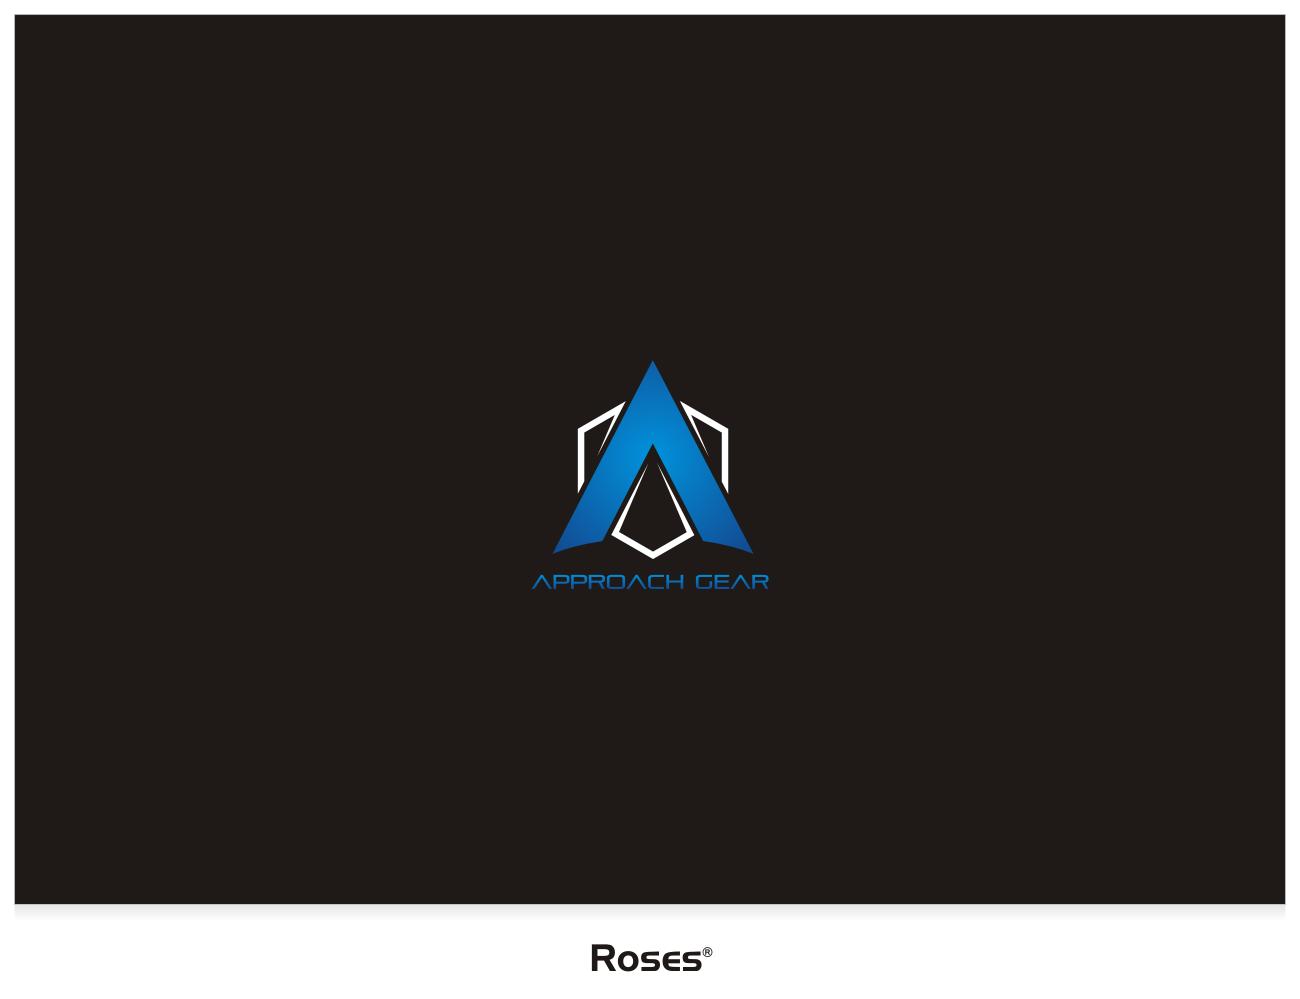 Logo+sample+design+(8).png (1300×999)